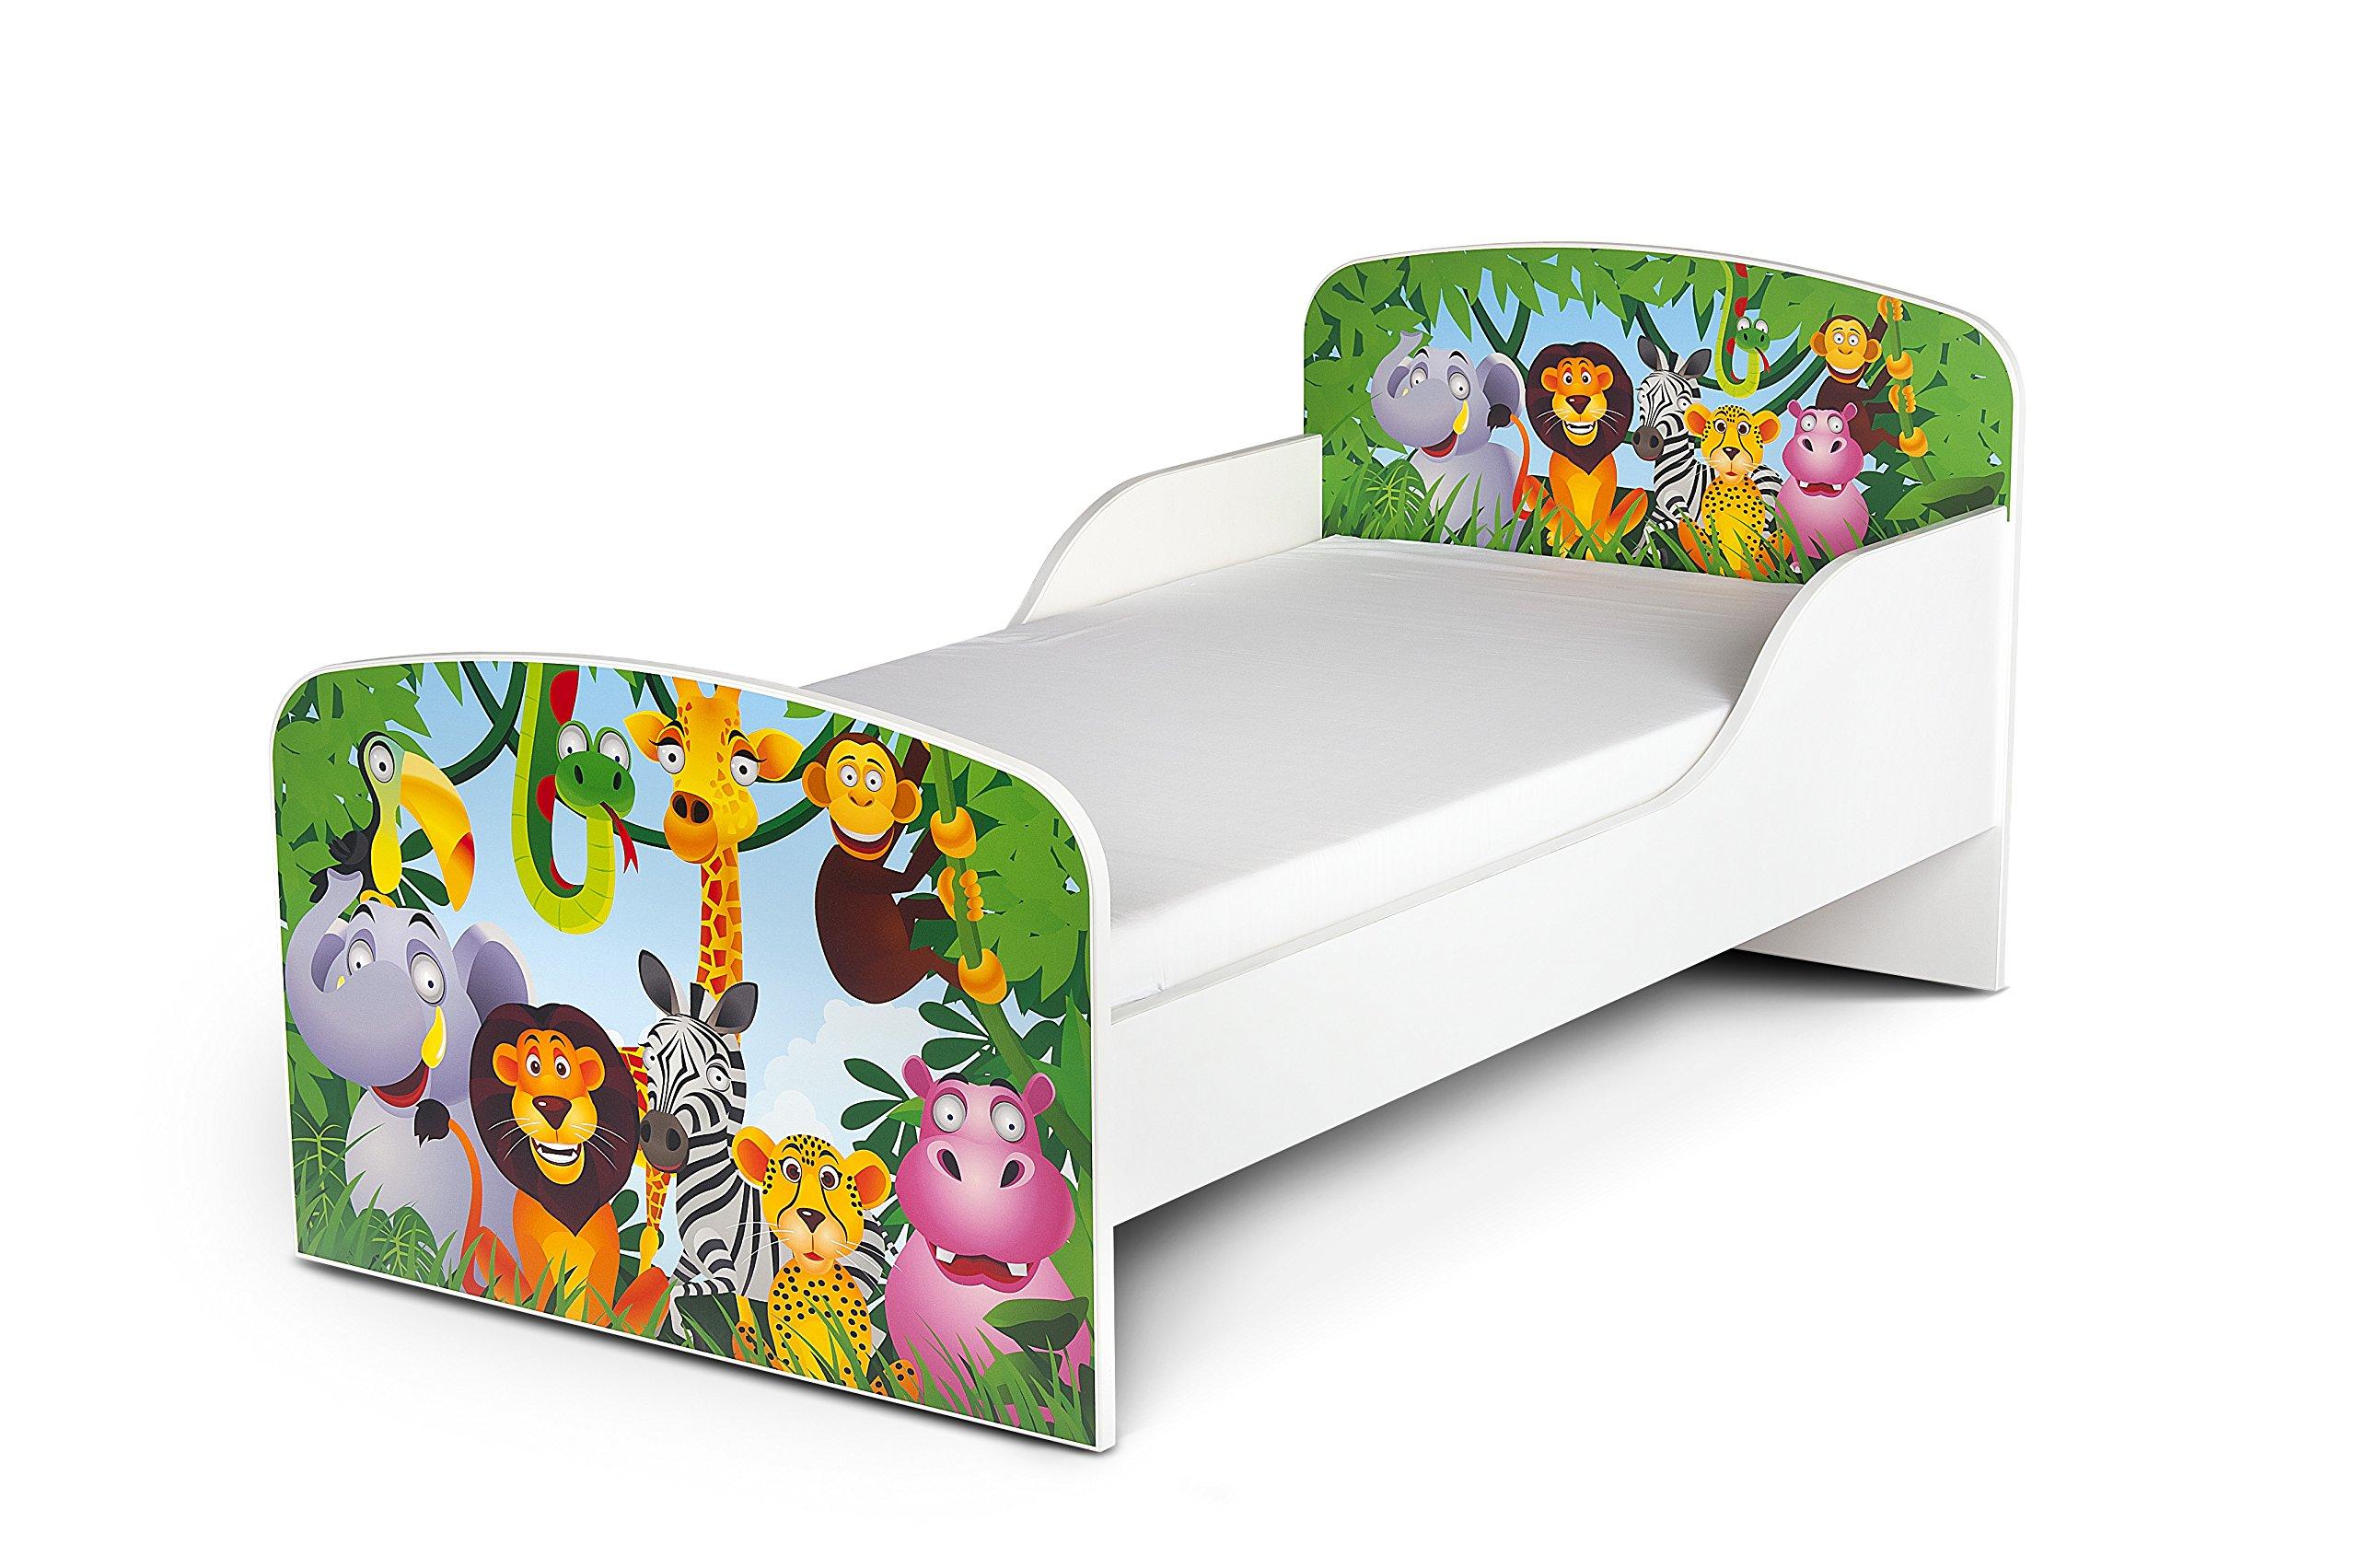 Letto Lettino Per Bambini In Legno e Materasso Magnifiche Stampe Mobili Per Bambini Attrezzatura Stanza Per Bambino Dimensioni 140x70 Animali Zoo product image